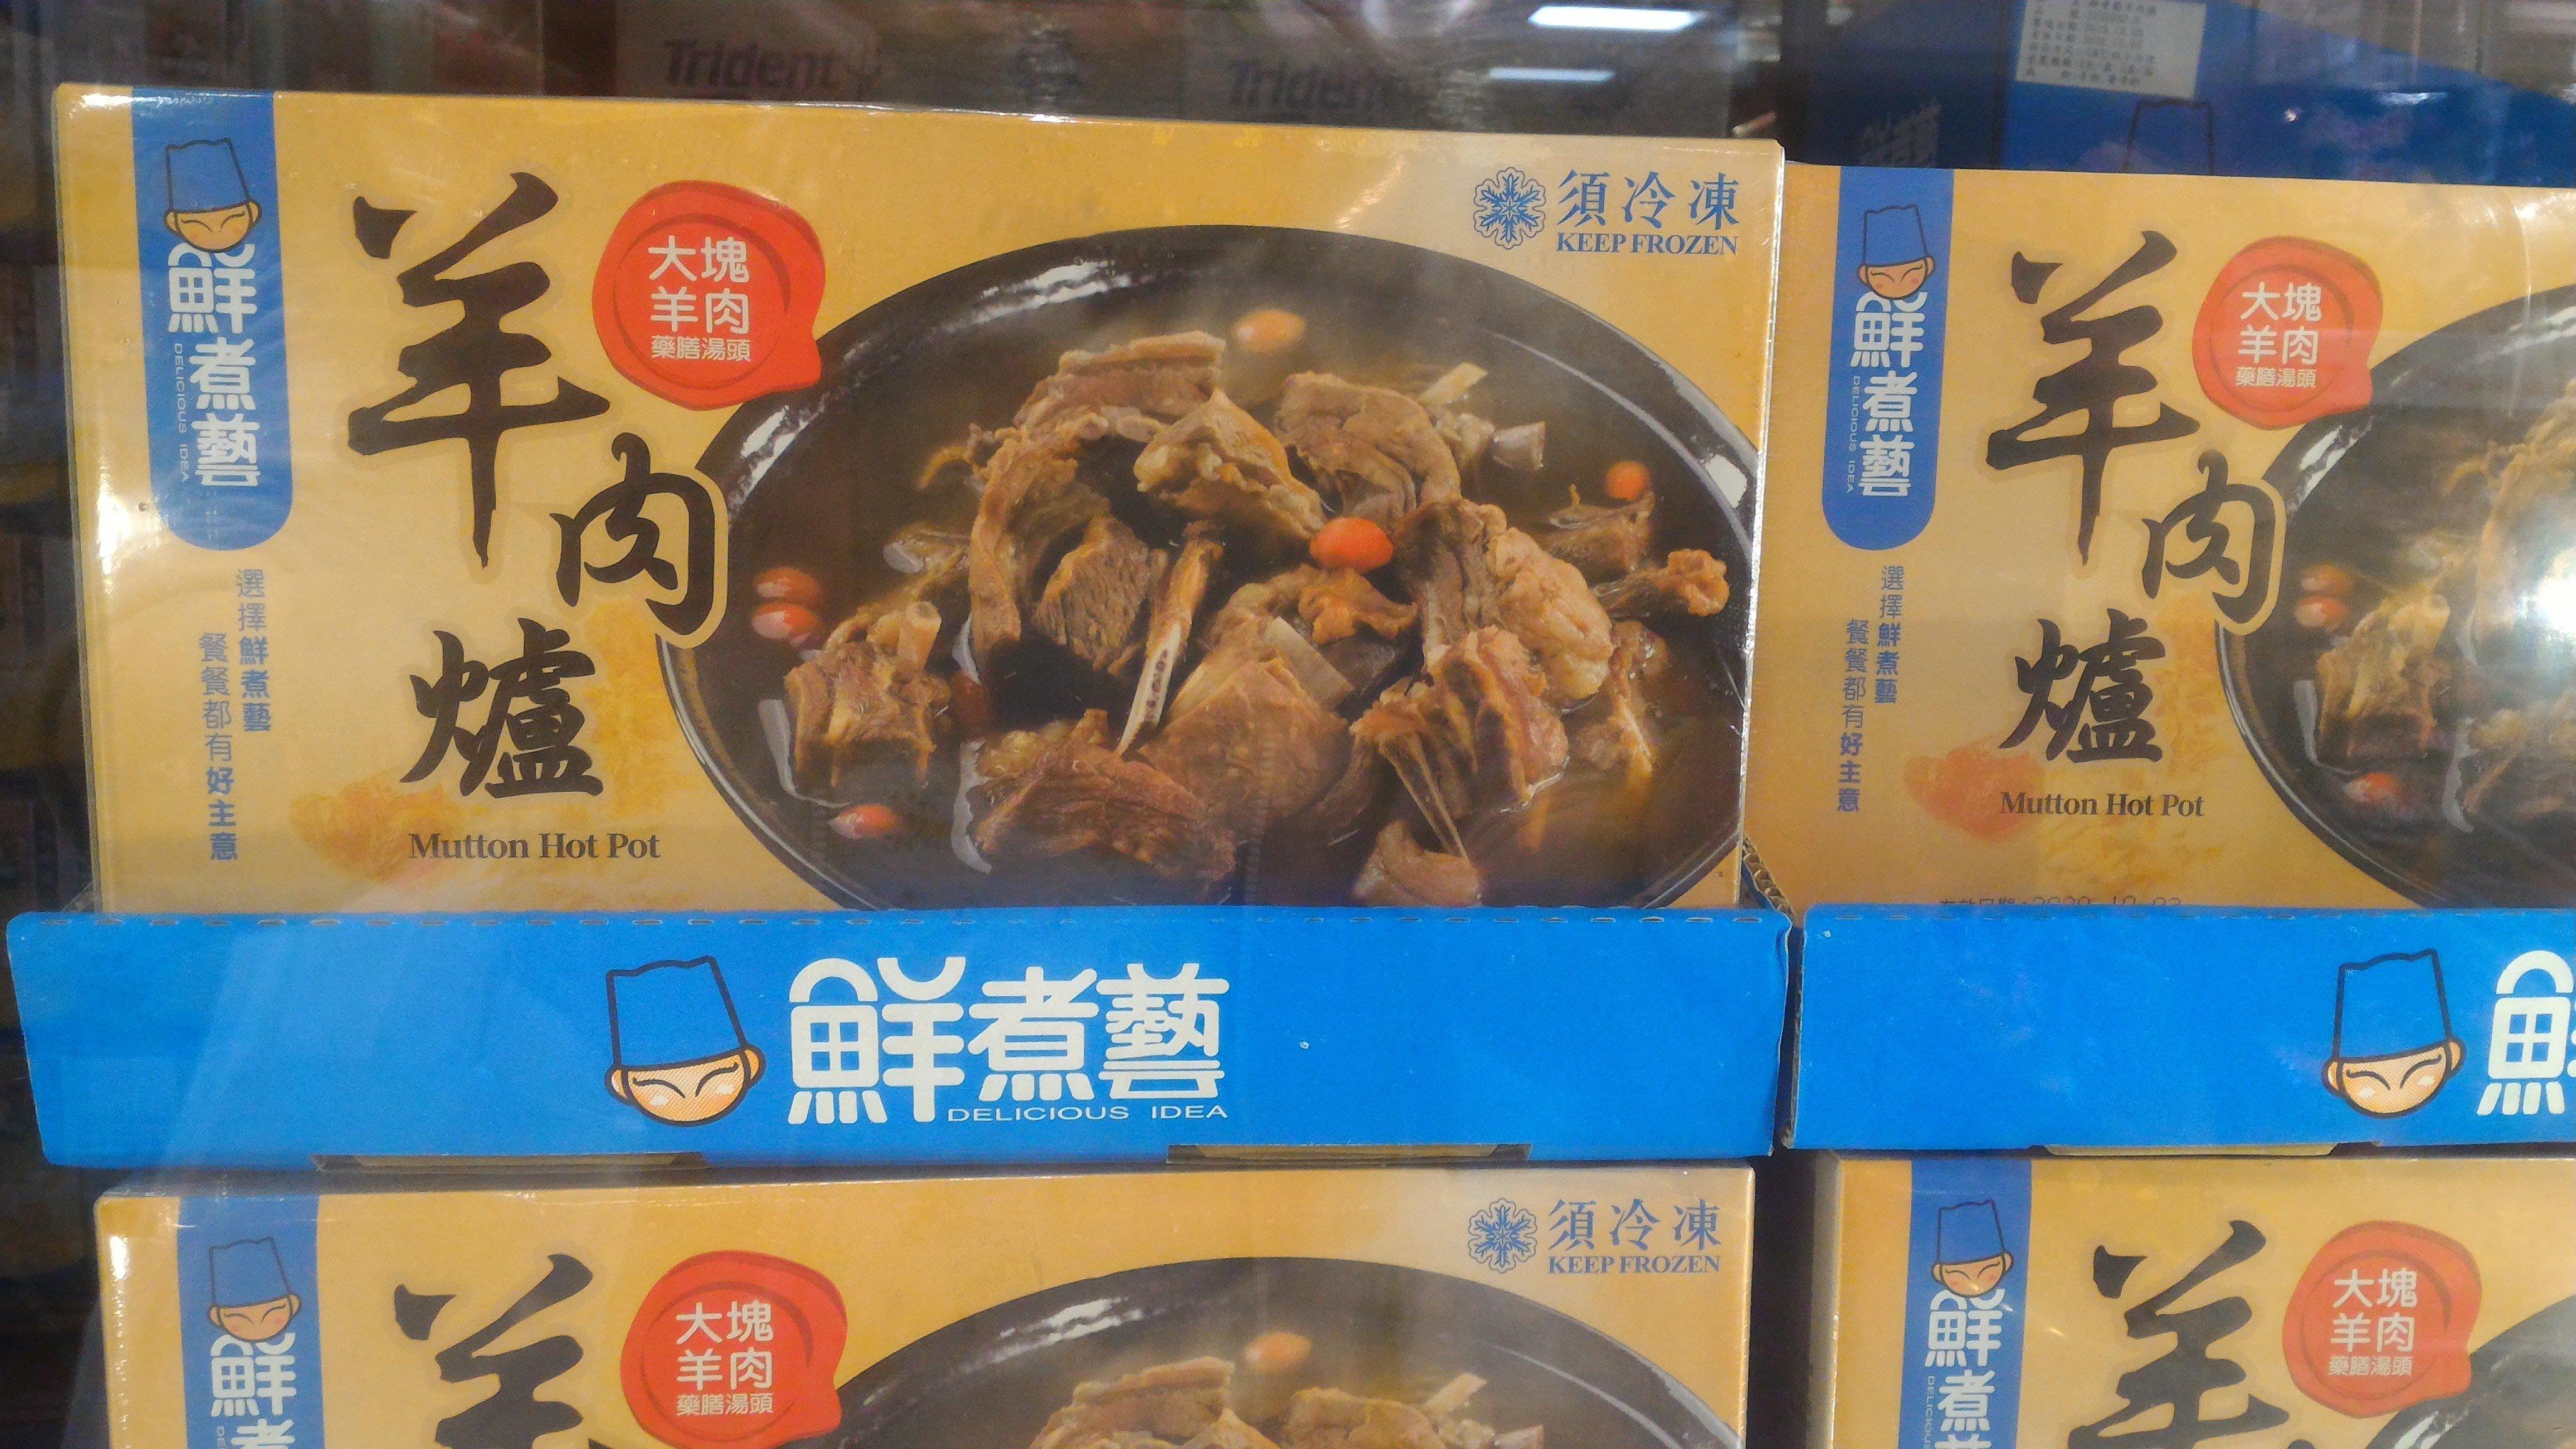 下標先詢問 鮮煮藝 傳統羊肉爐(1.2kg*2包) COSTCO好市多代購